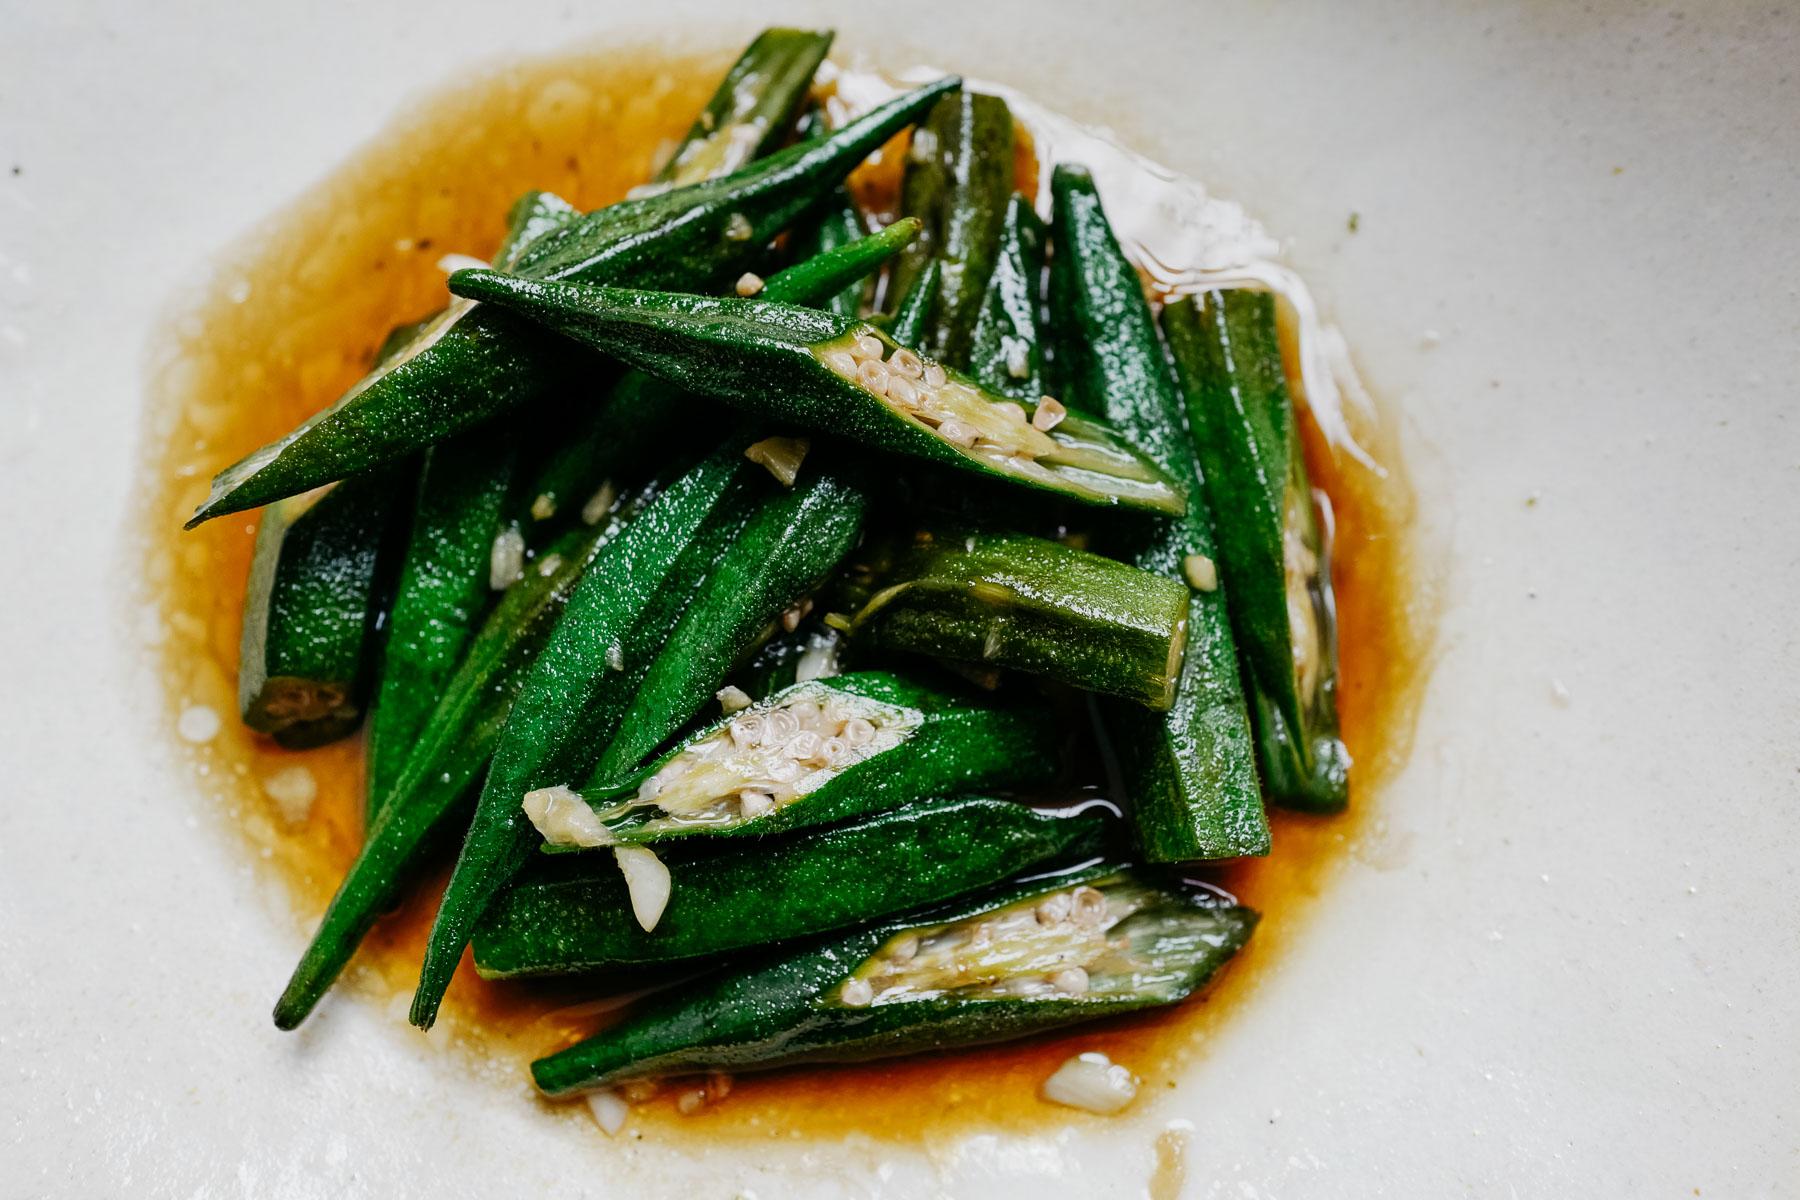 okra smażona z czosnkiem (đậu bắp xào tỏi)